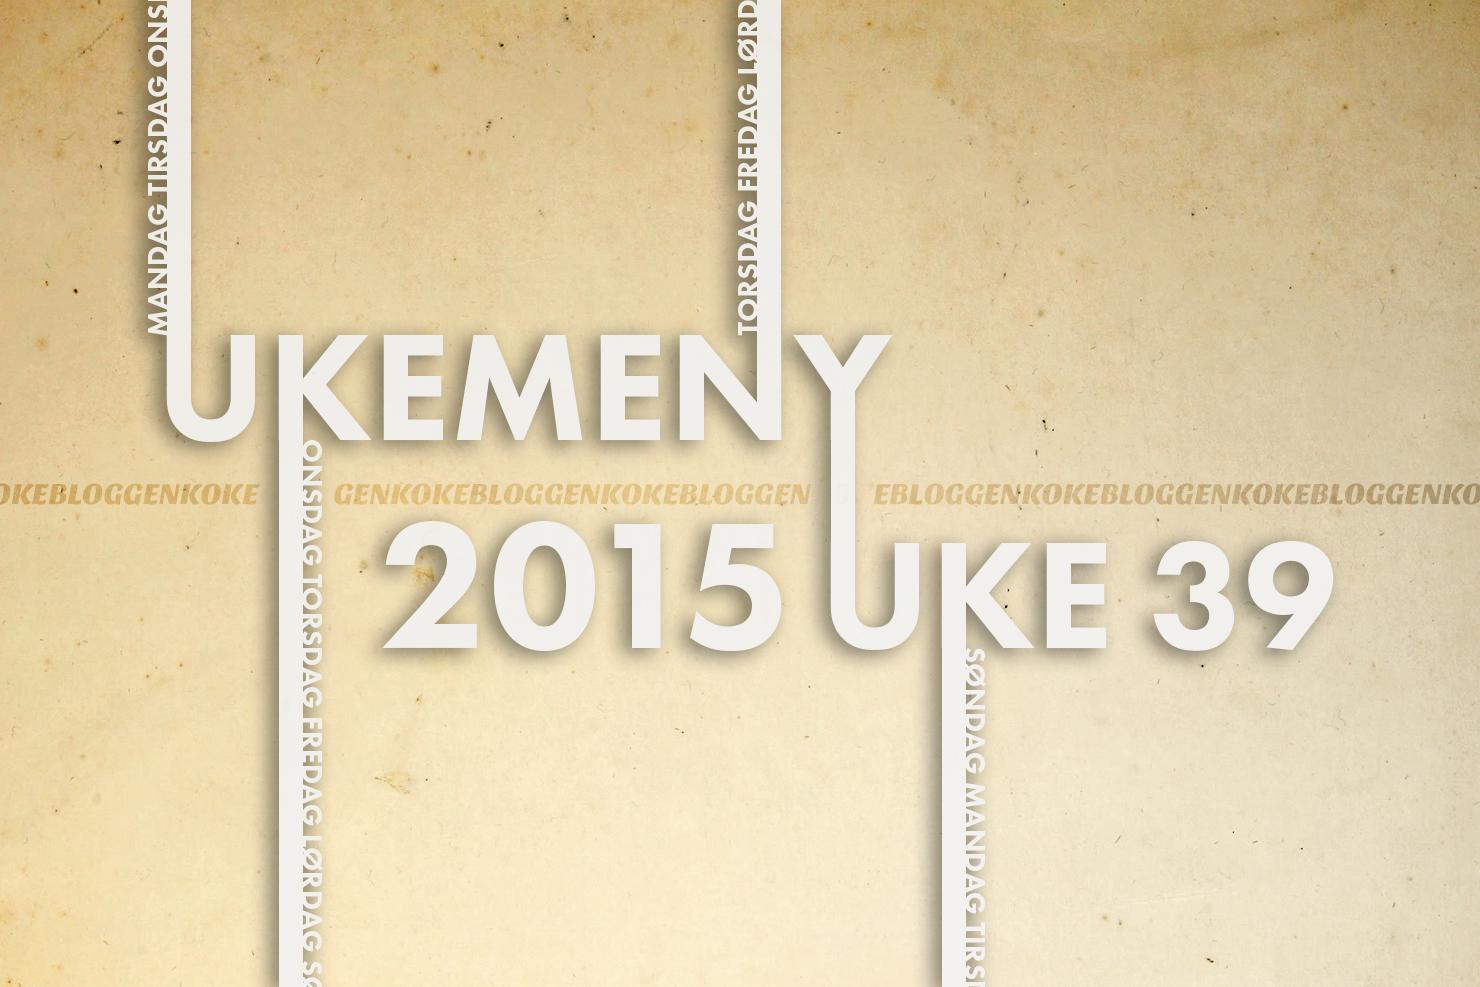 Ukemeny | Uke 39 | 2015 Kokebloggen